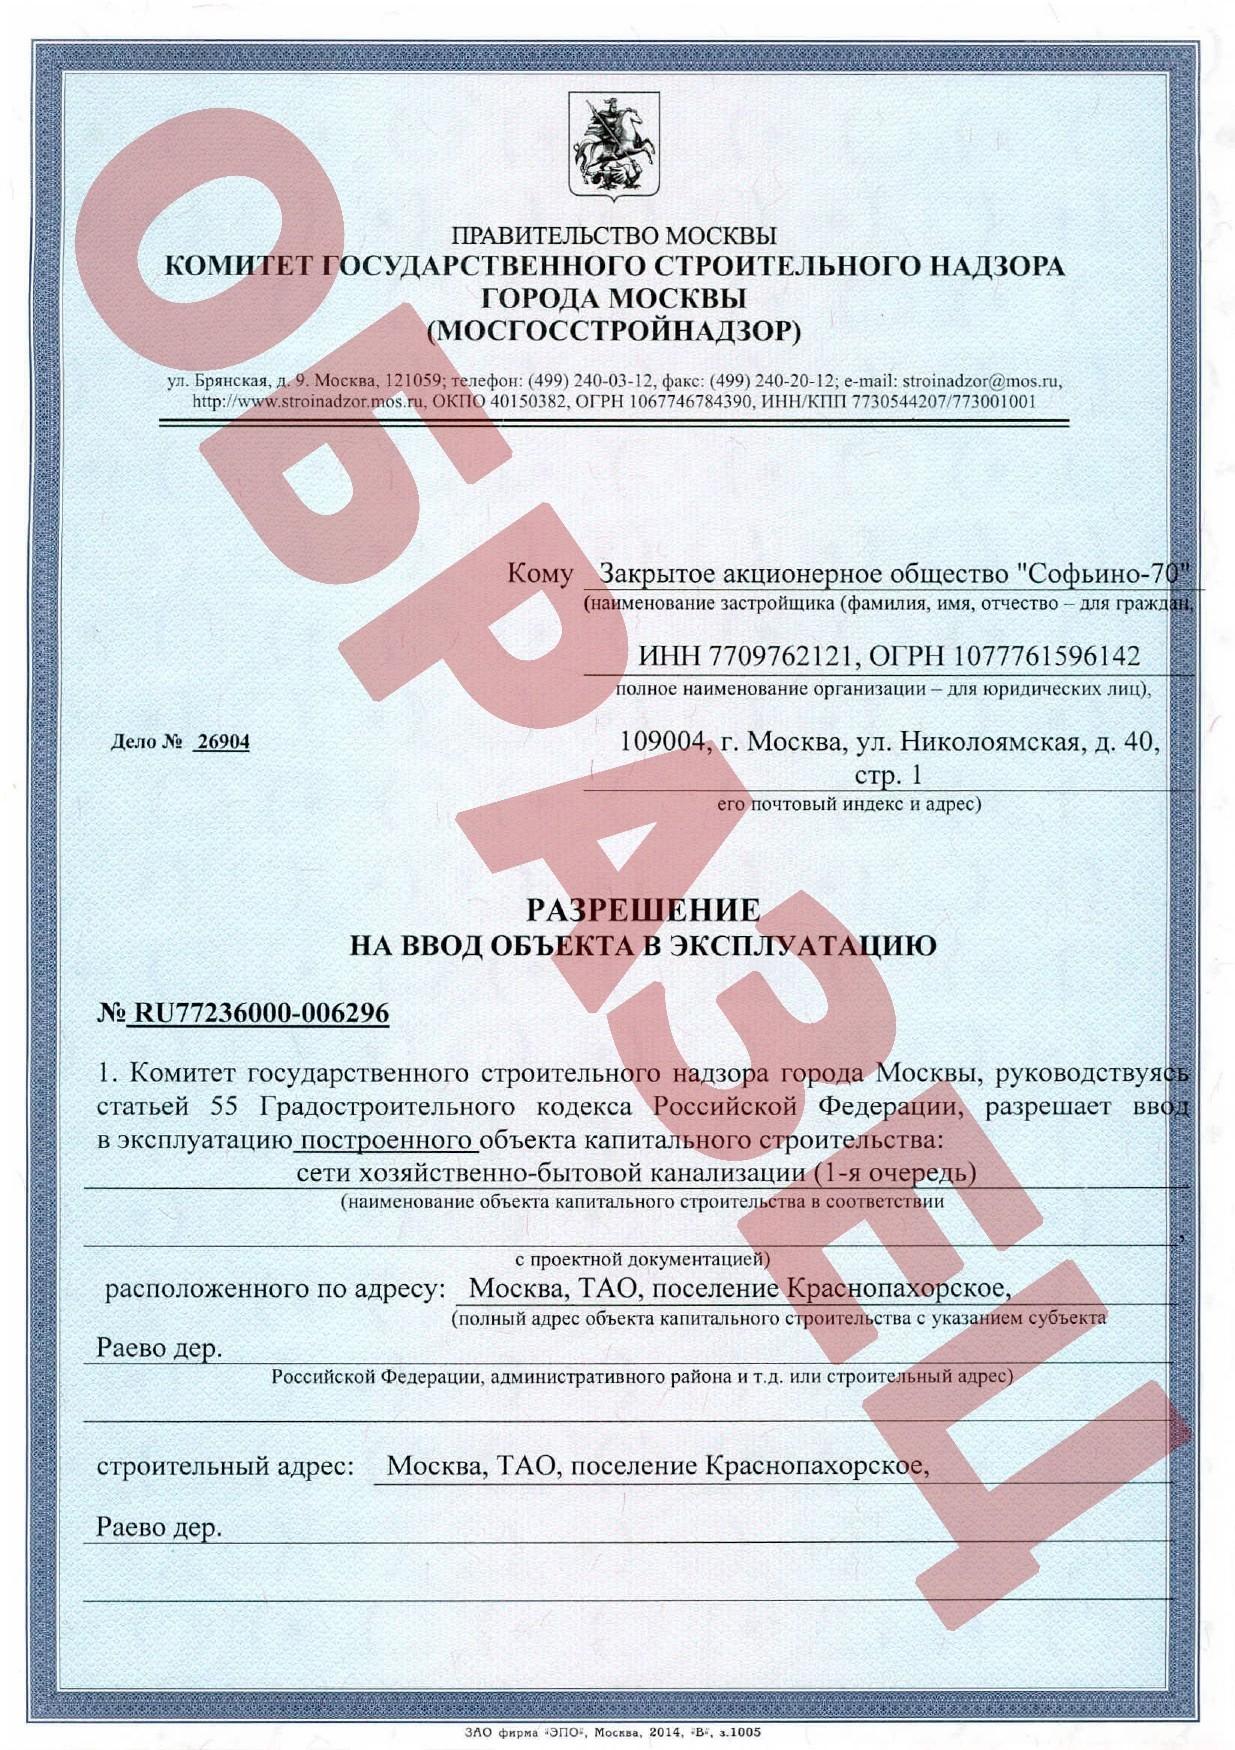 После завершения работ нужно получить разрешение на ввод в эксплуатацию. Этот документ тоже выдает Госстройнадзор.